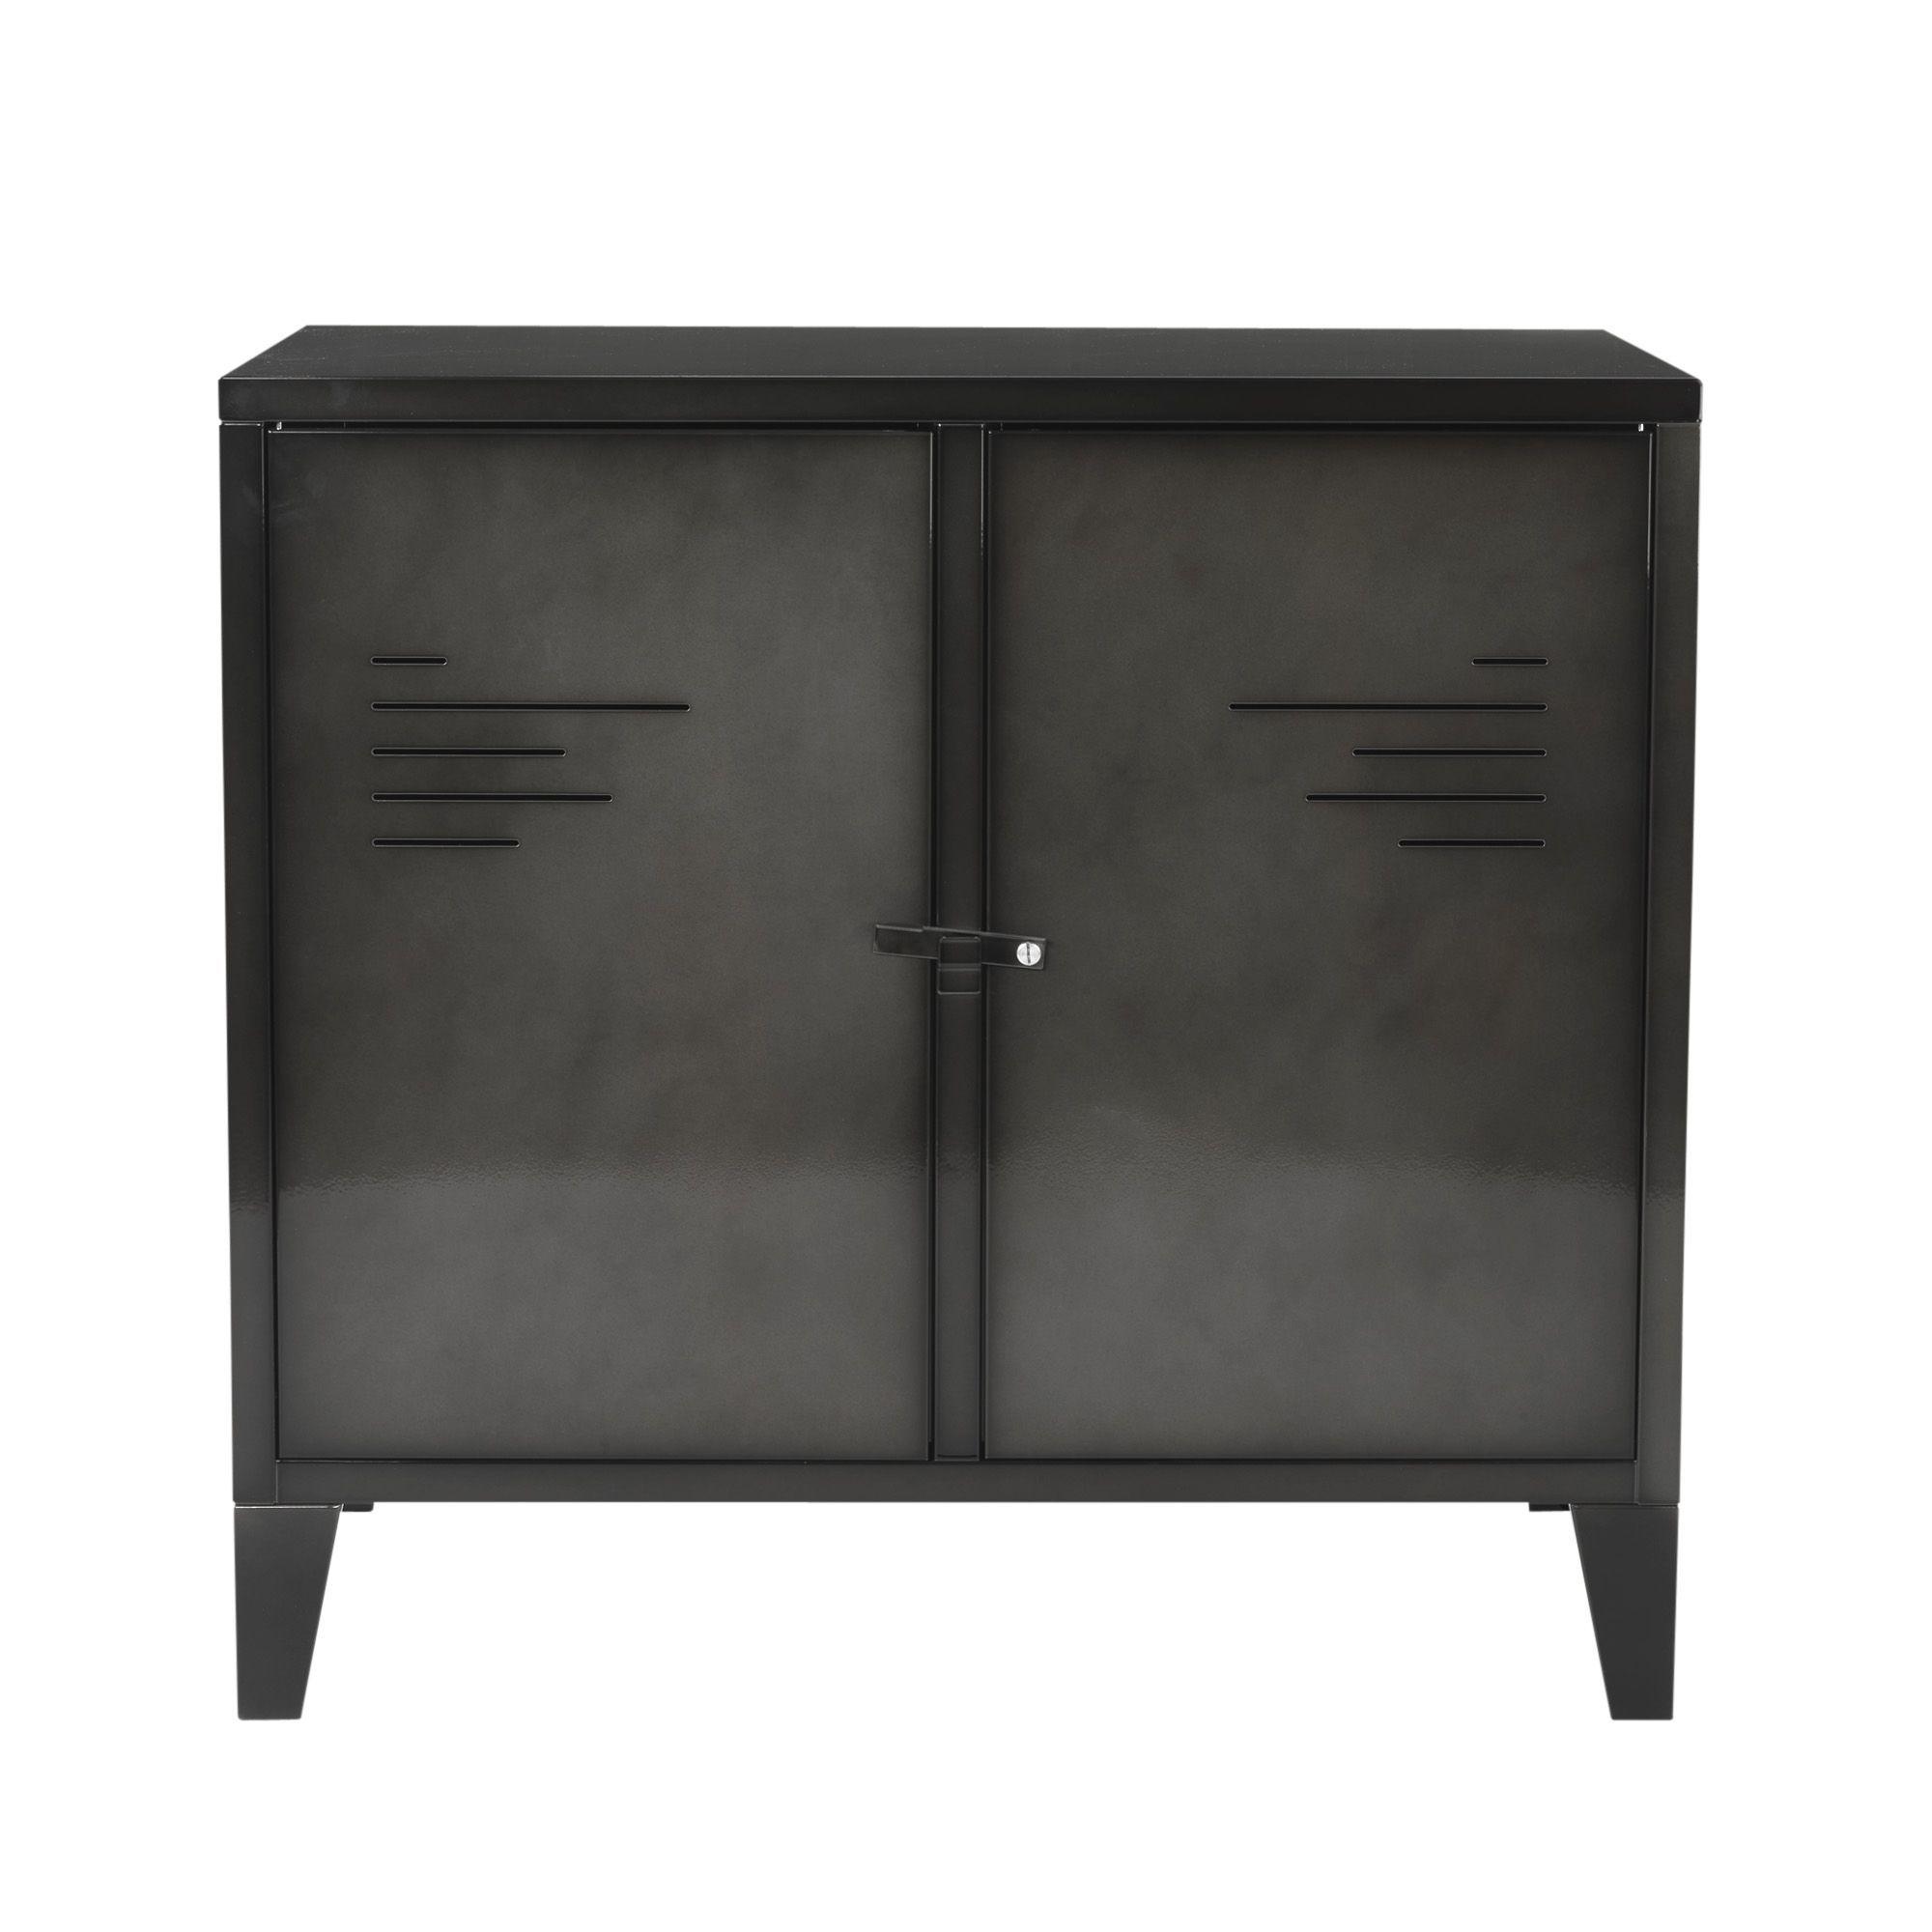 Commode 2 portes en métal gris Gris - Lofter - Les armoires ...